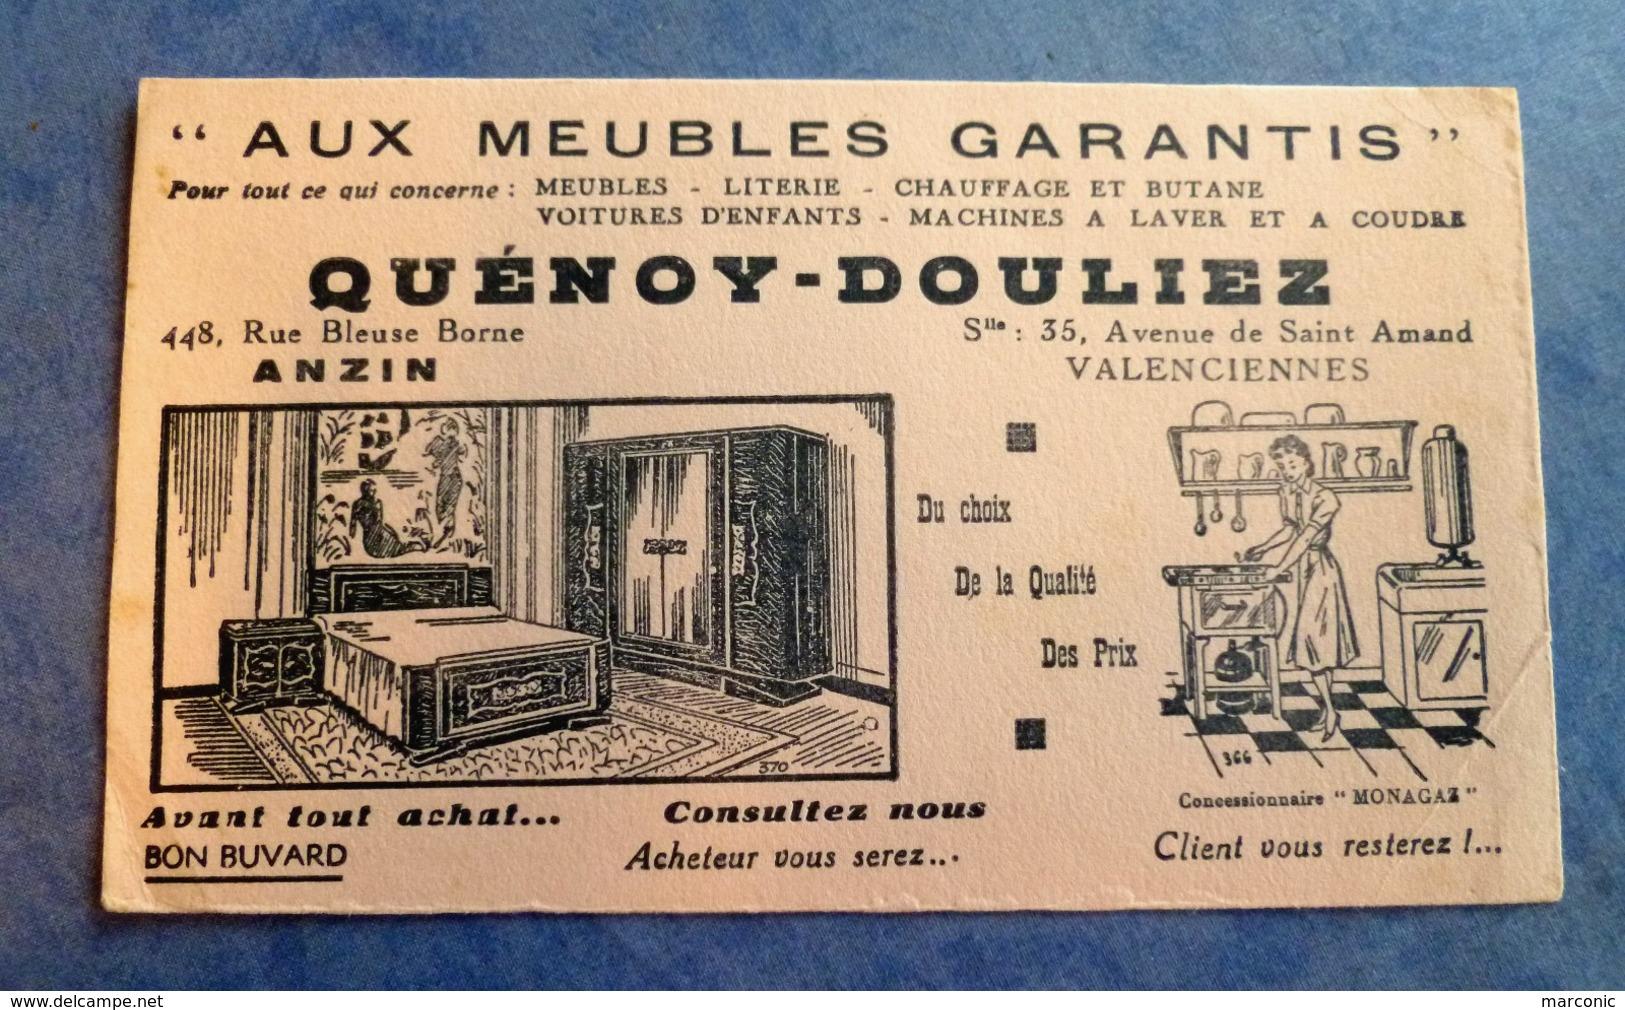 Buvard Ancien - AUX MEUBLES GARANTIS QUENOY DOULIEZ, VALENCIENNES Et ANZIN - Chambre, Cuisine - Carte Assorbenti